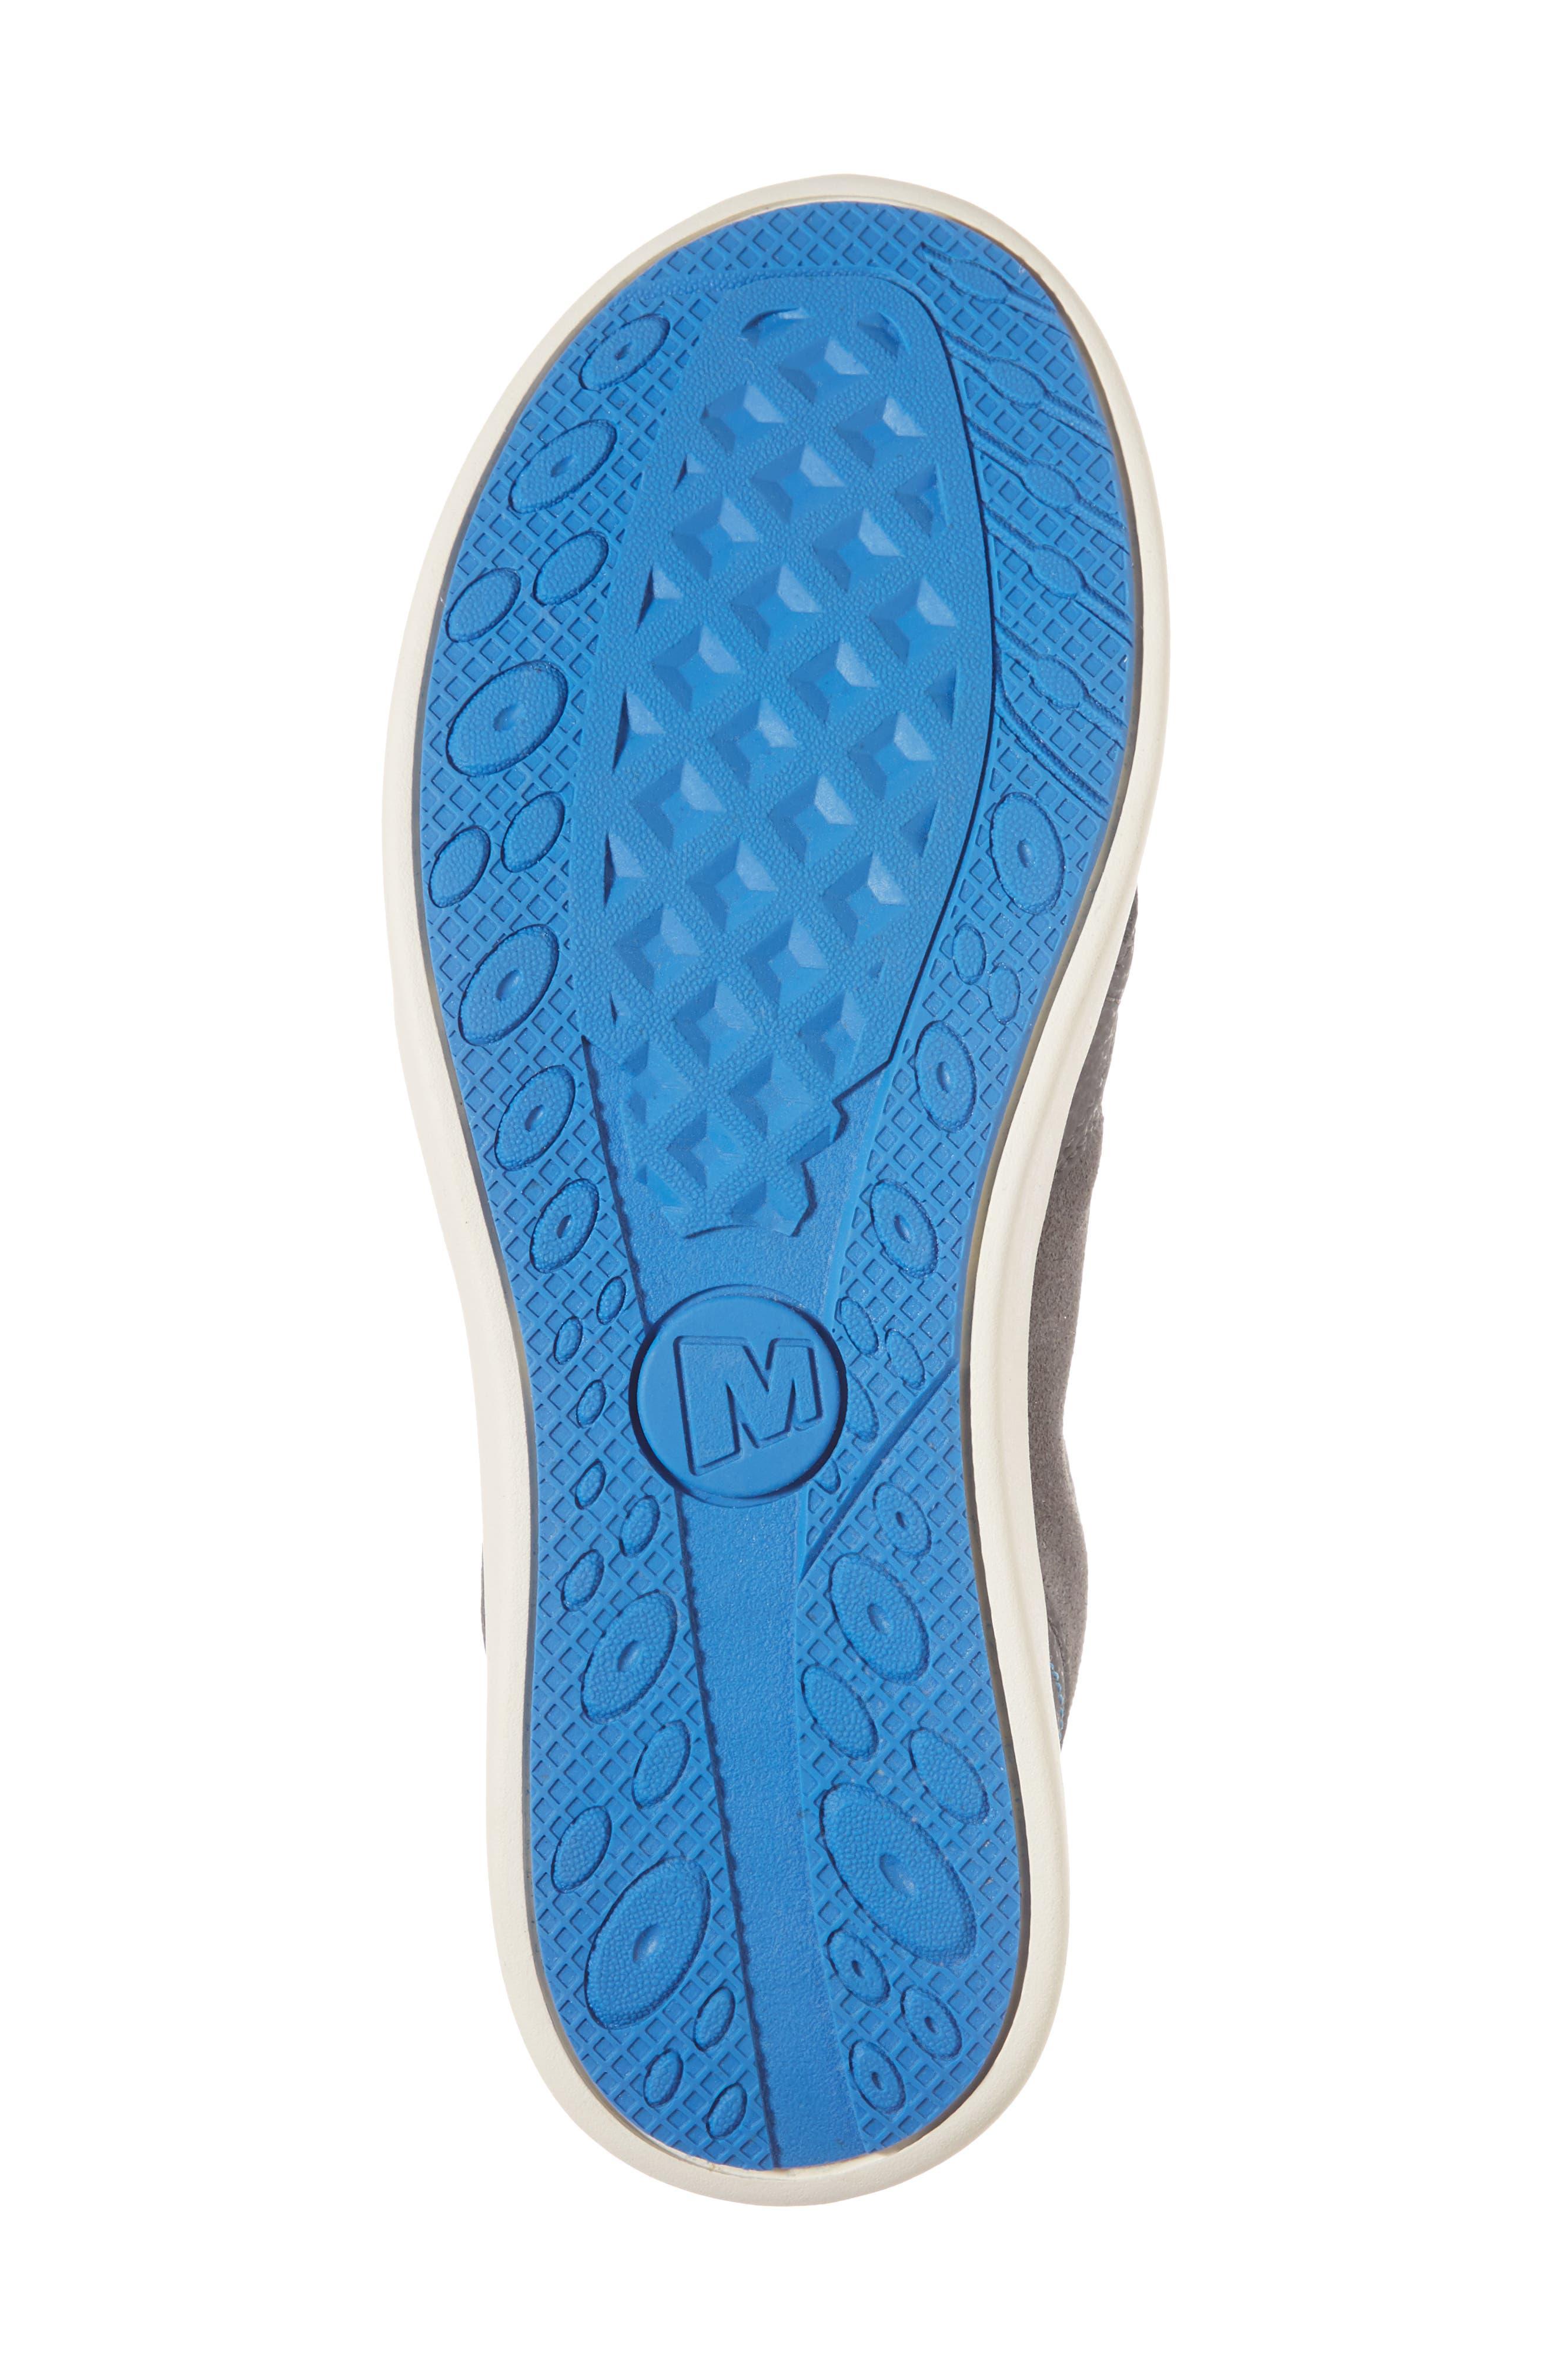 Freewheel Mid Top Waterproof Sneaker Boot,                             Alternate thumbnail 6, color,                             Grey